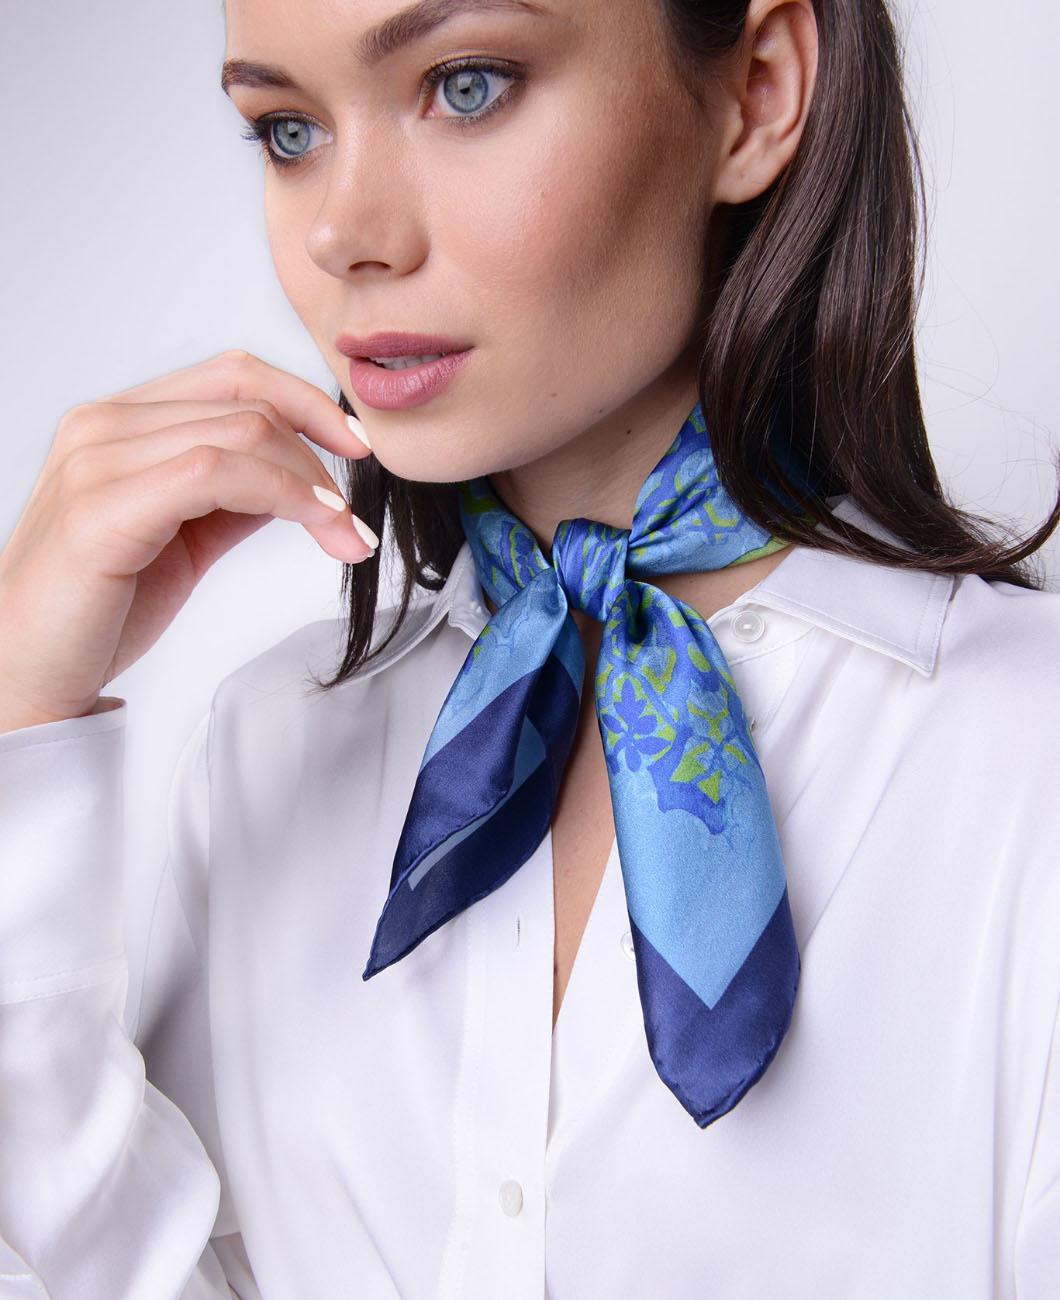 neckerchief-necktie-shirt-elegant-outfit-carolina-herrara-la-polo-lapolo